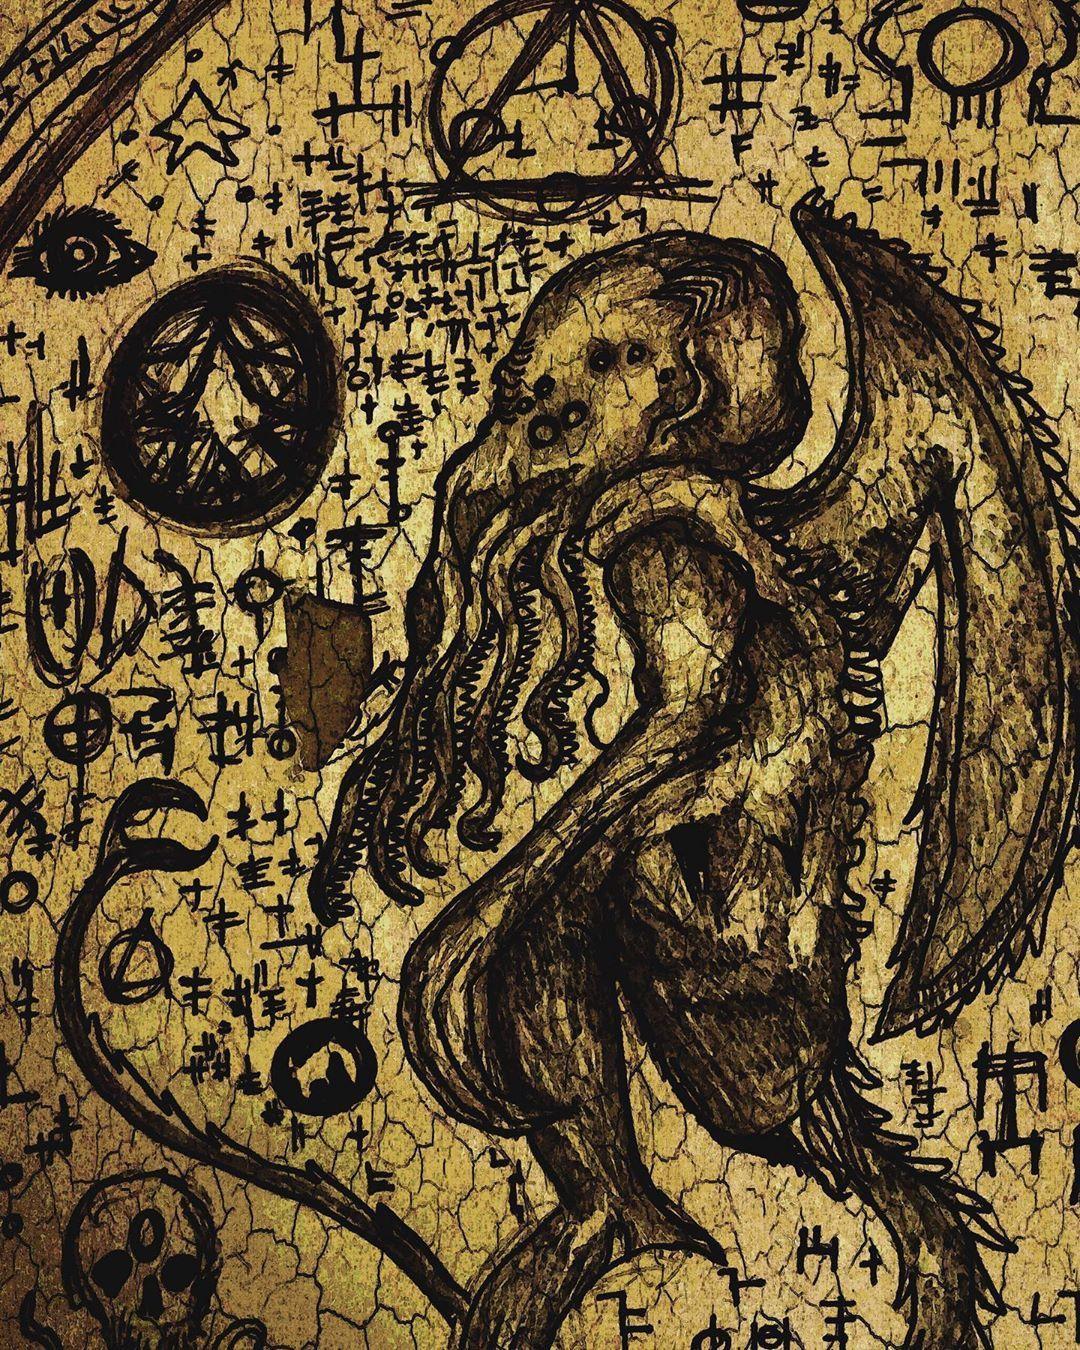 クトゥルフ神話 おしゃれまとめの人気アイデア Pinterest ゴルバチョフ クトゥルフ クトゥルフ神話 神話